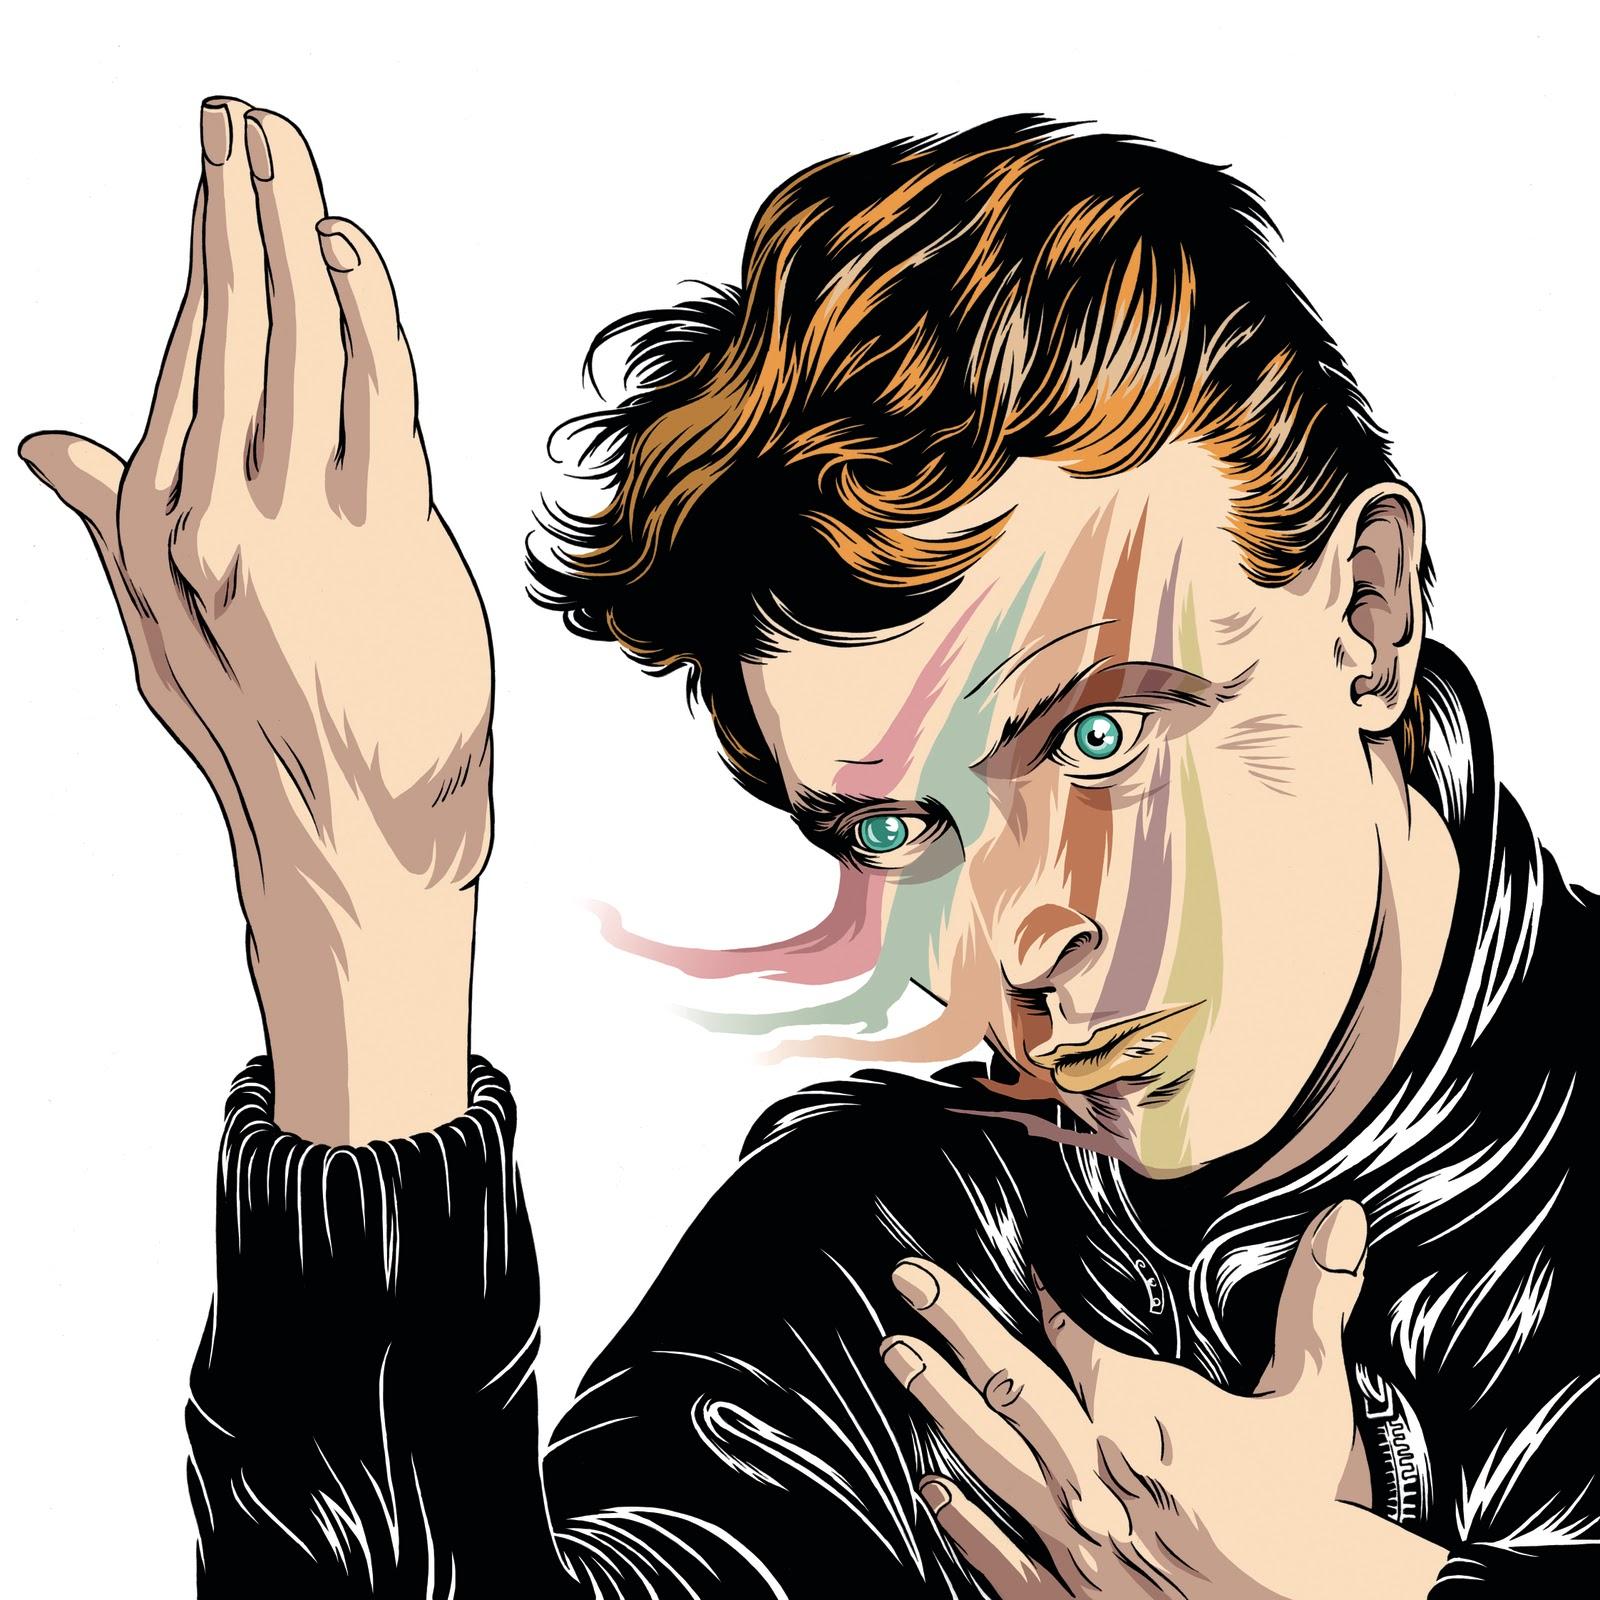 http://3.bp.blogspot.com/_Q92QpBWq_kI/TJ4UVfuLv2I/AAAAAAAAAQU/uEGB4VReFCU/s1600/JK_David_Bowie+CMYK.jpg